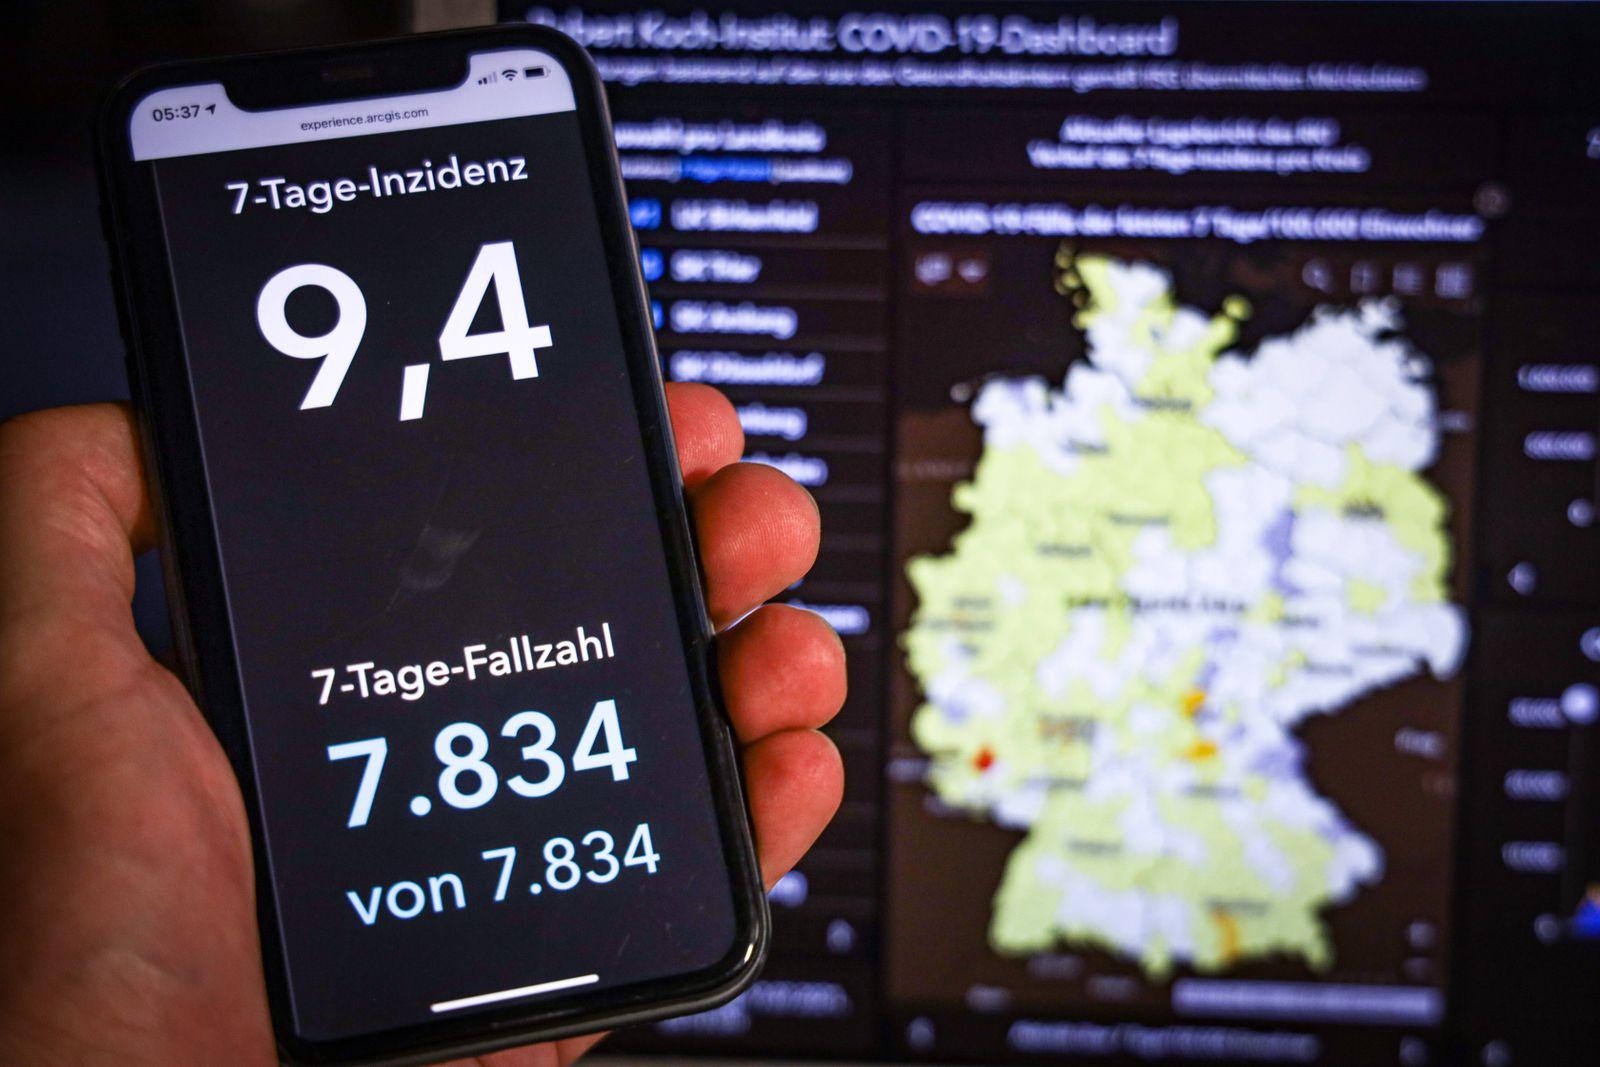 Coronavirus in Deutschland - Covid-19-Dashboard des Robert Koch-Institut 17.07.2021: Robert Koch-Institut: 7-Tage-Inzid